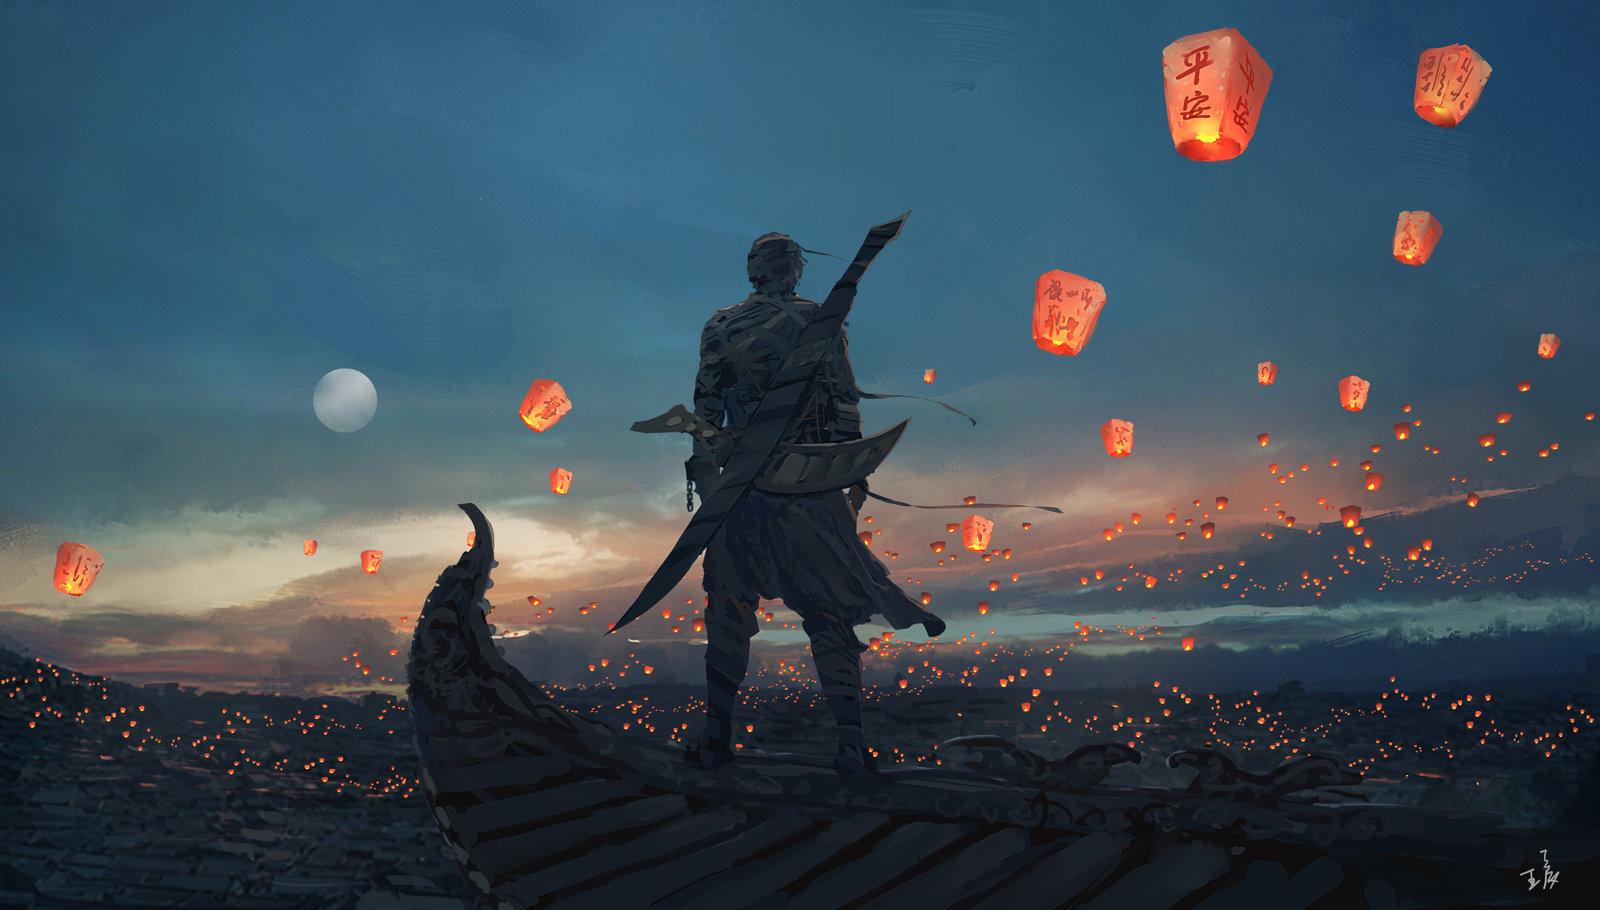 Sky Lanterns by wlop 1600x910